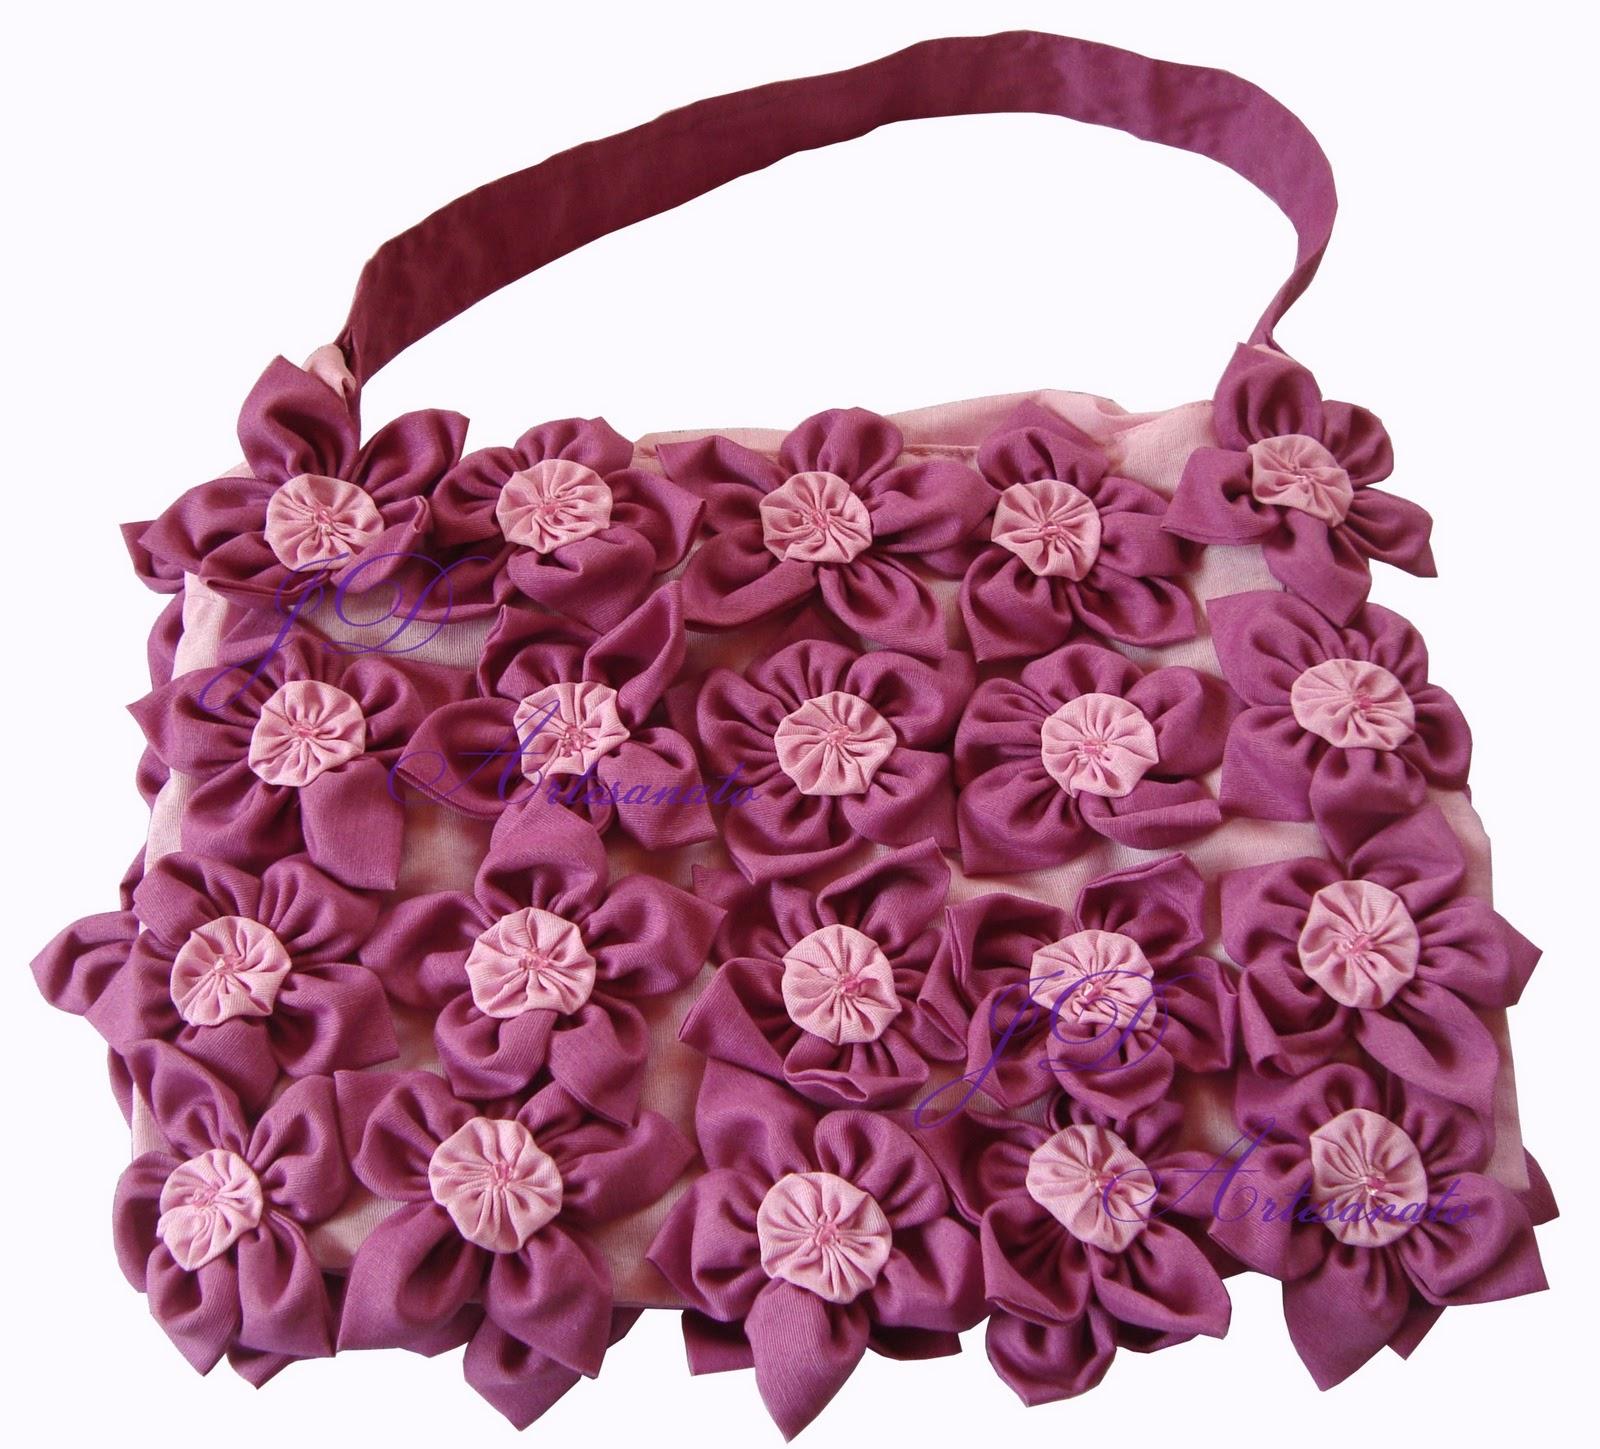 Bolsa De Fuxico Artesanato : Jd artesanato bolsa de fuxico com flor